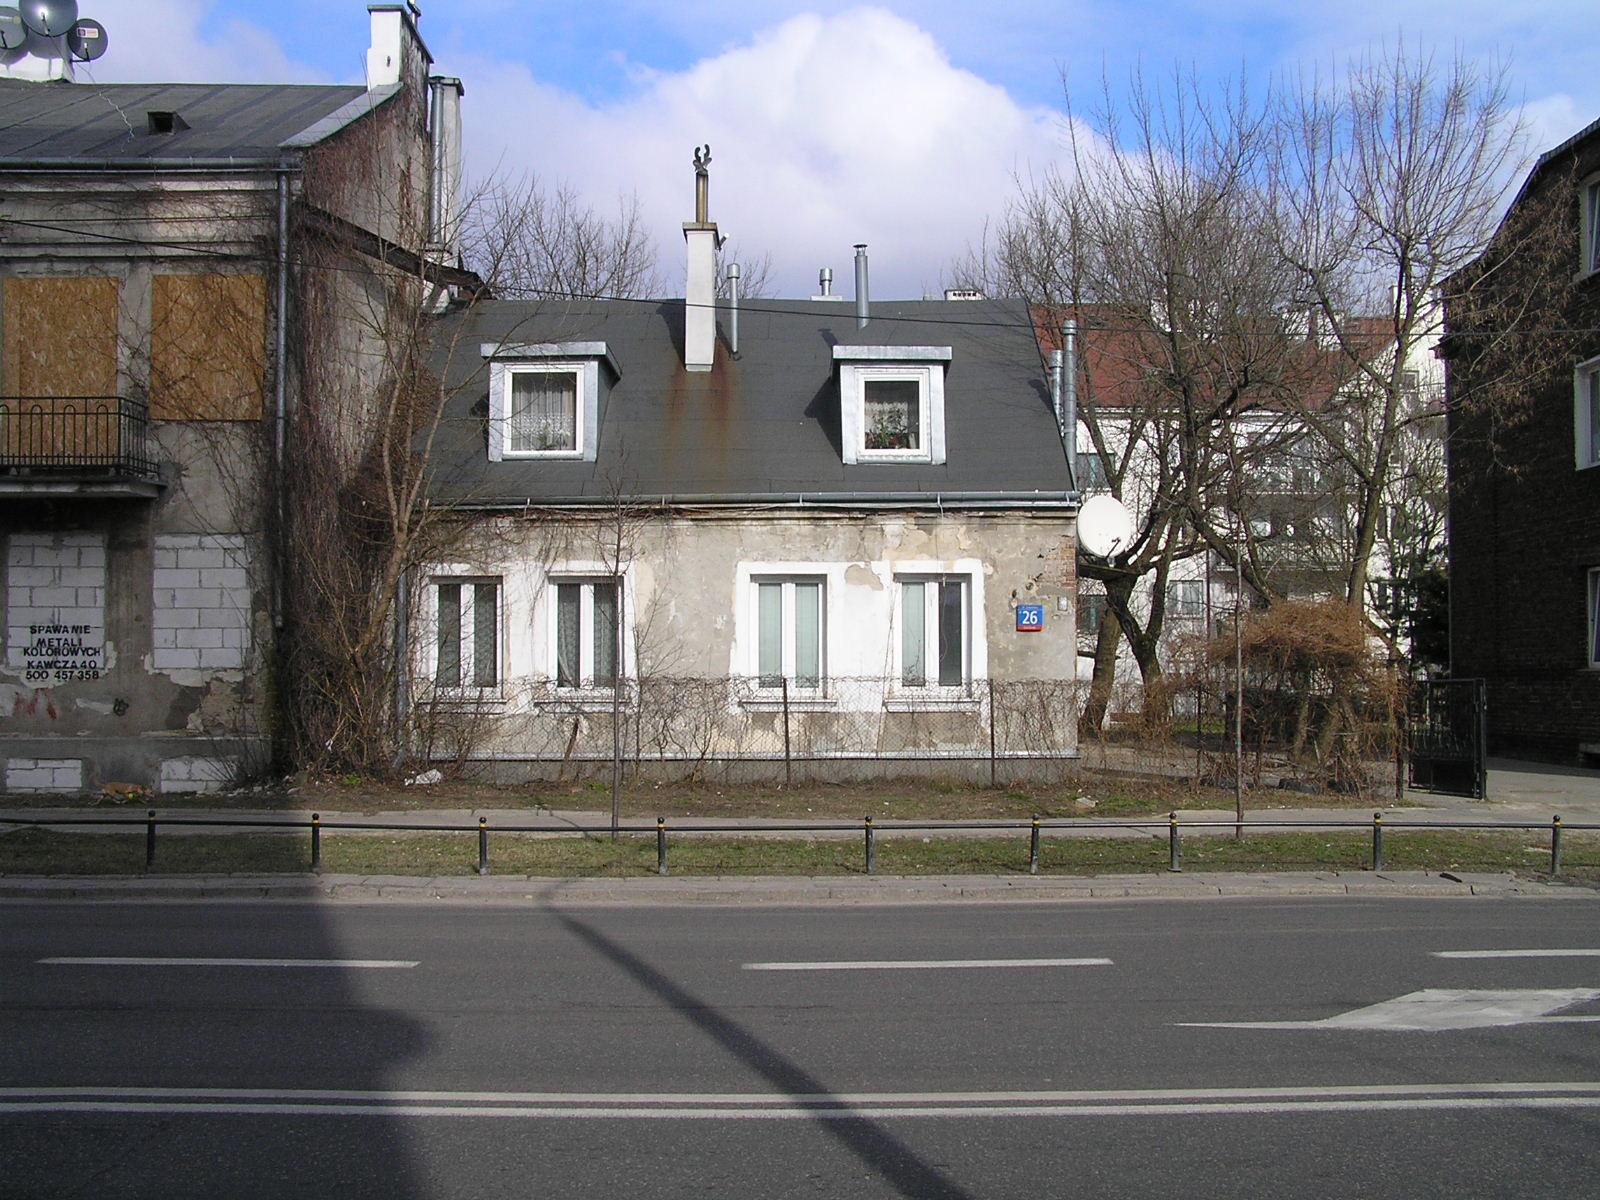 Dom przy ulicy Łukowskiej 26 na Grochowie